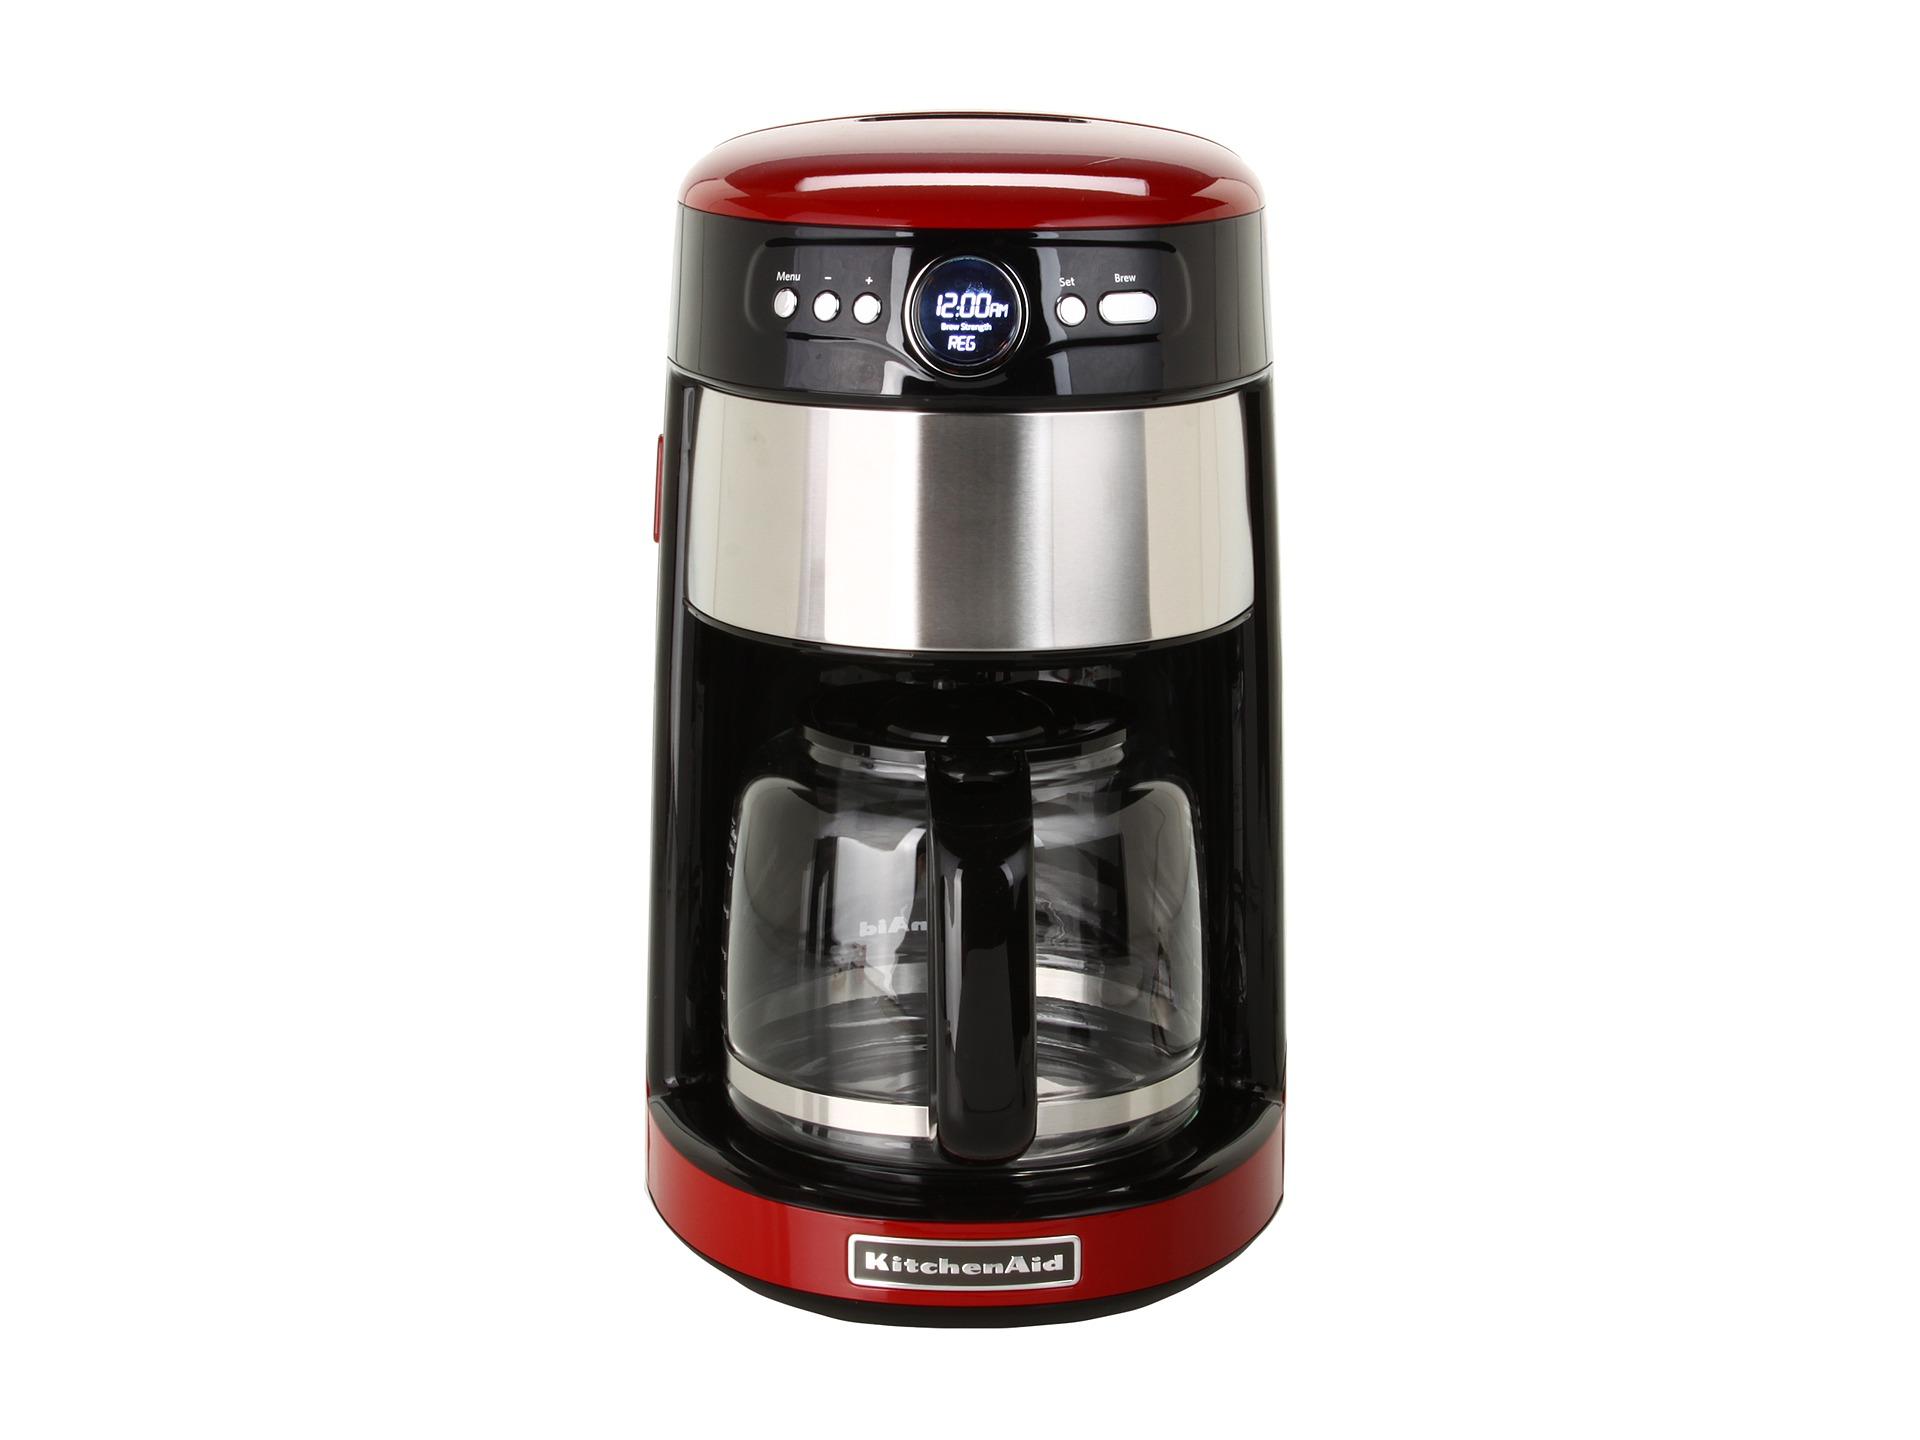 Kitchenaid Coffee Maker Kcm1202ob Reviews : Kitchenaid coffee maker reviews Kitchen ideas